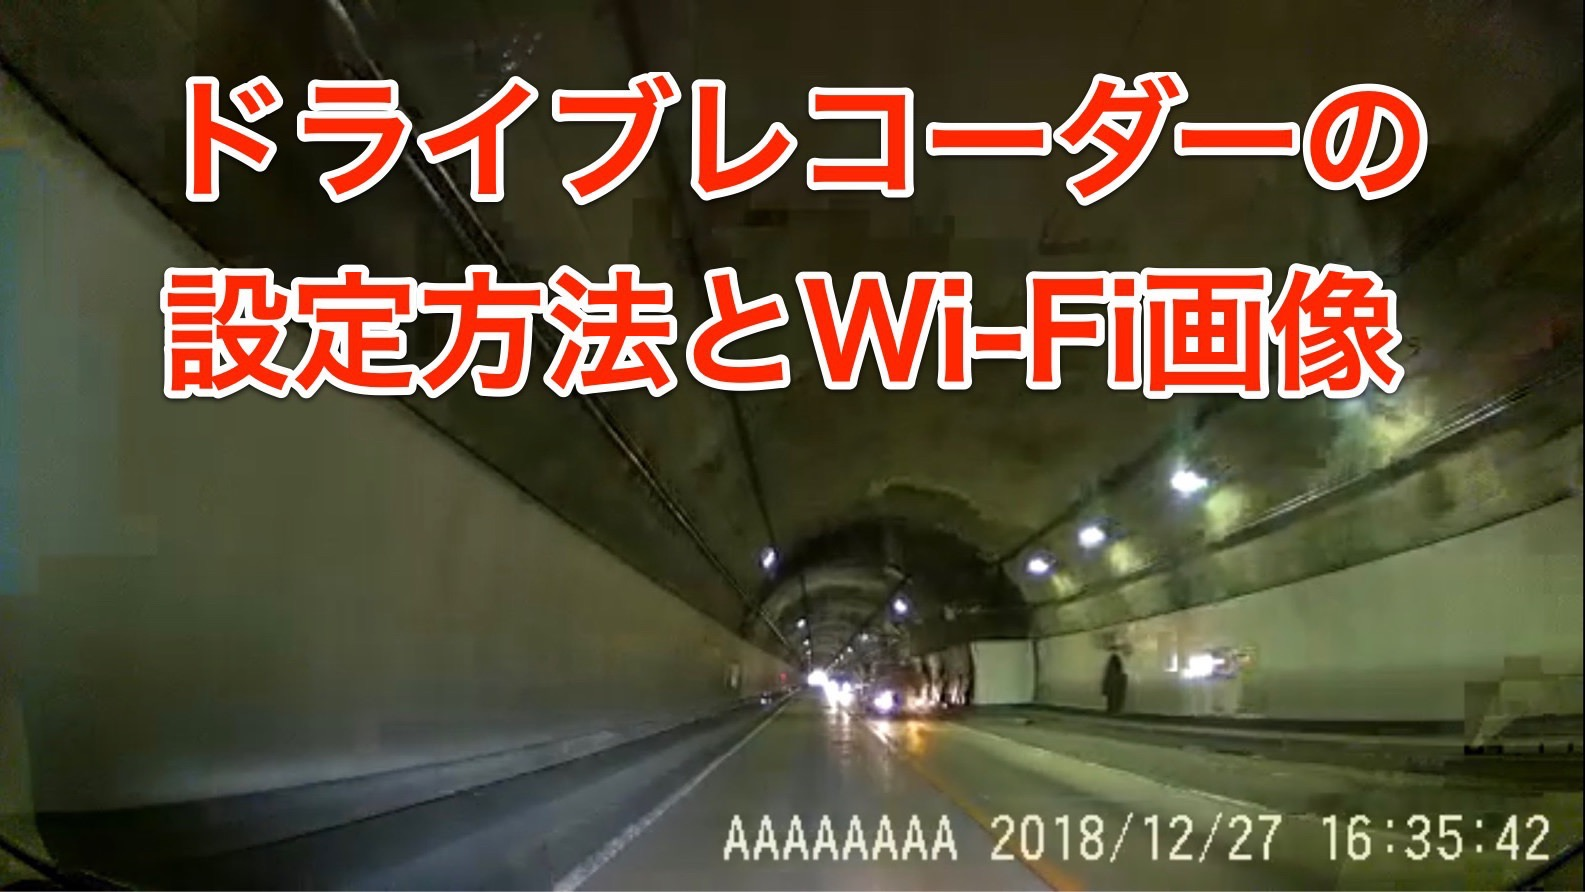 ドライブレコーダー WiFi【2018年最新版】HQBKiNG WiFi ドラレコ 1080PフルHD SONYセンサー搭載